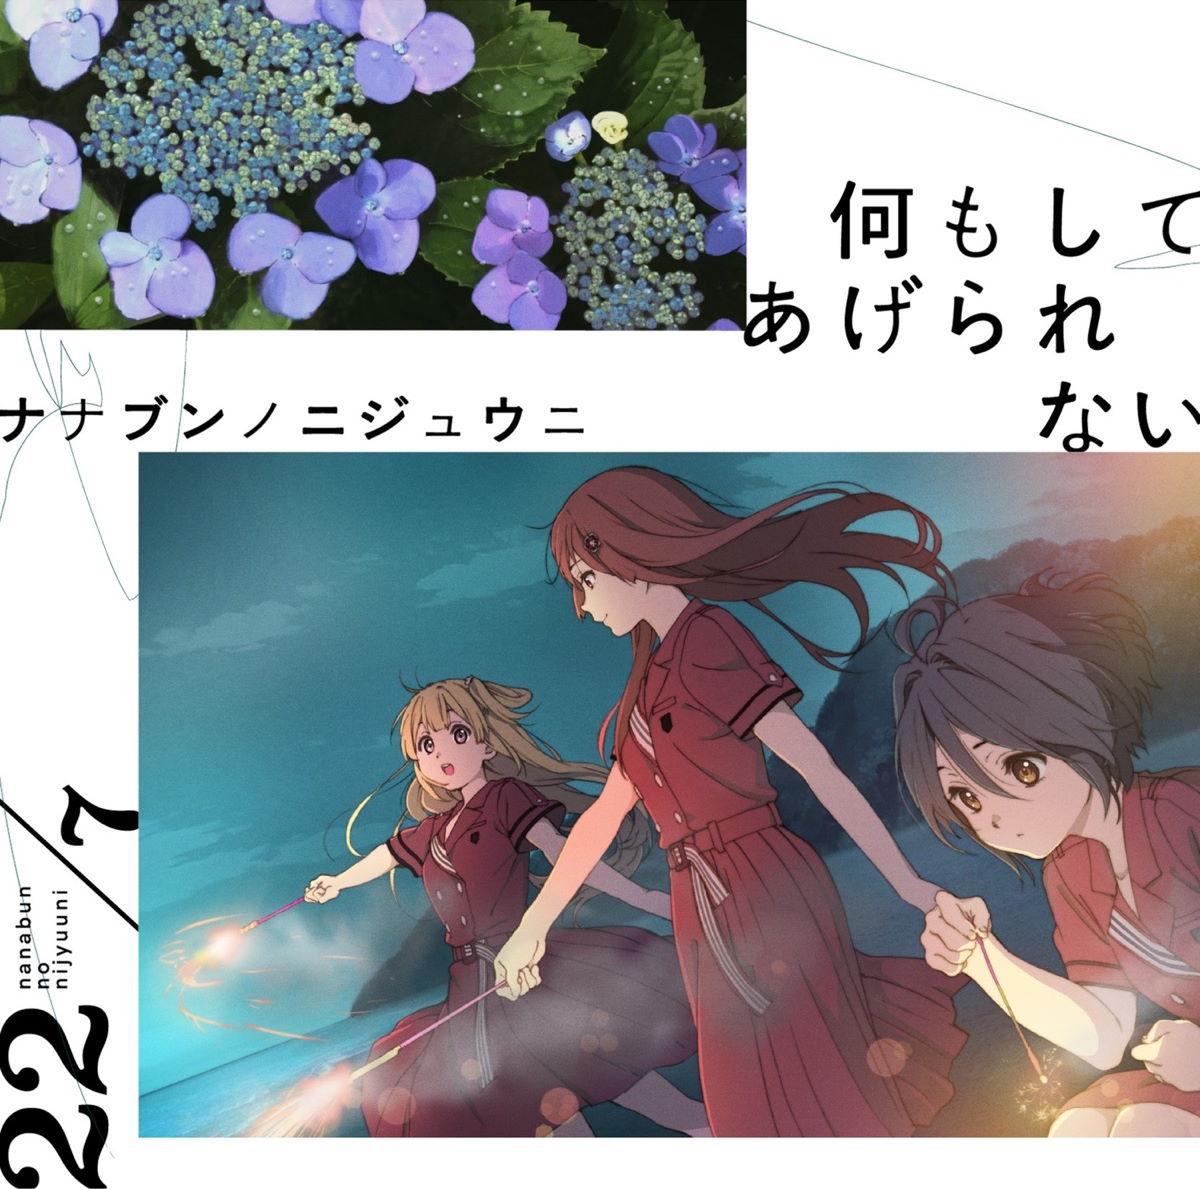 Rain of lies 22/7 歌詞【歌詞リリ】Lyrical Nonsense